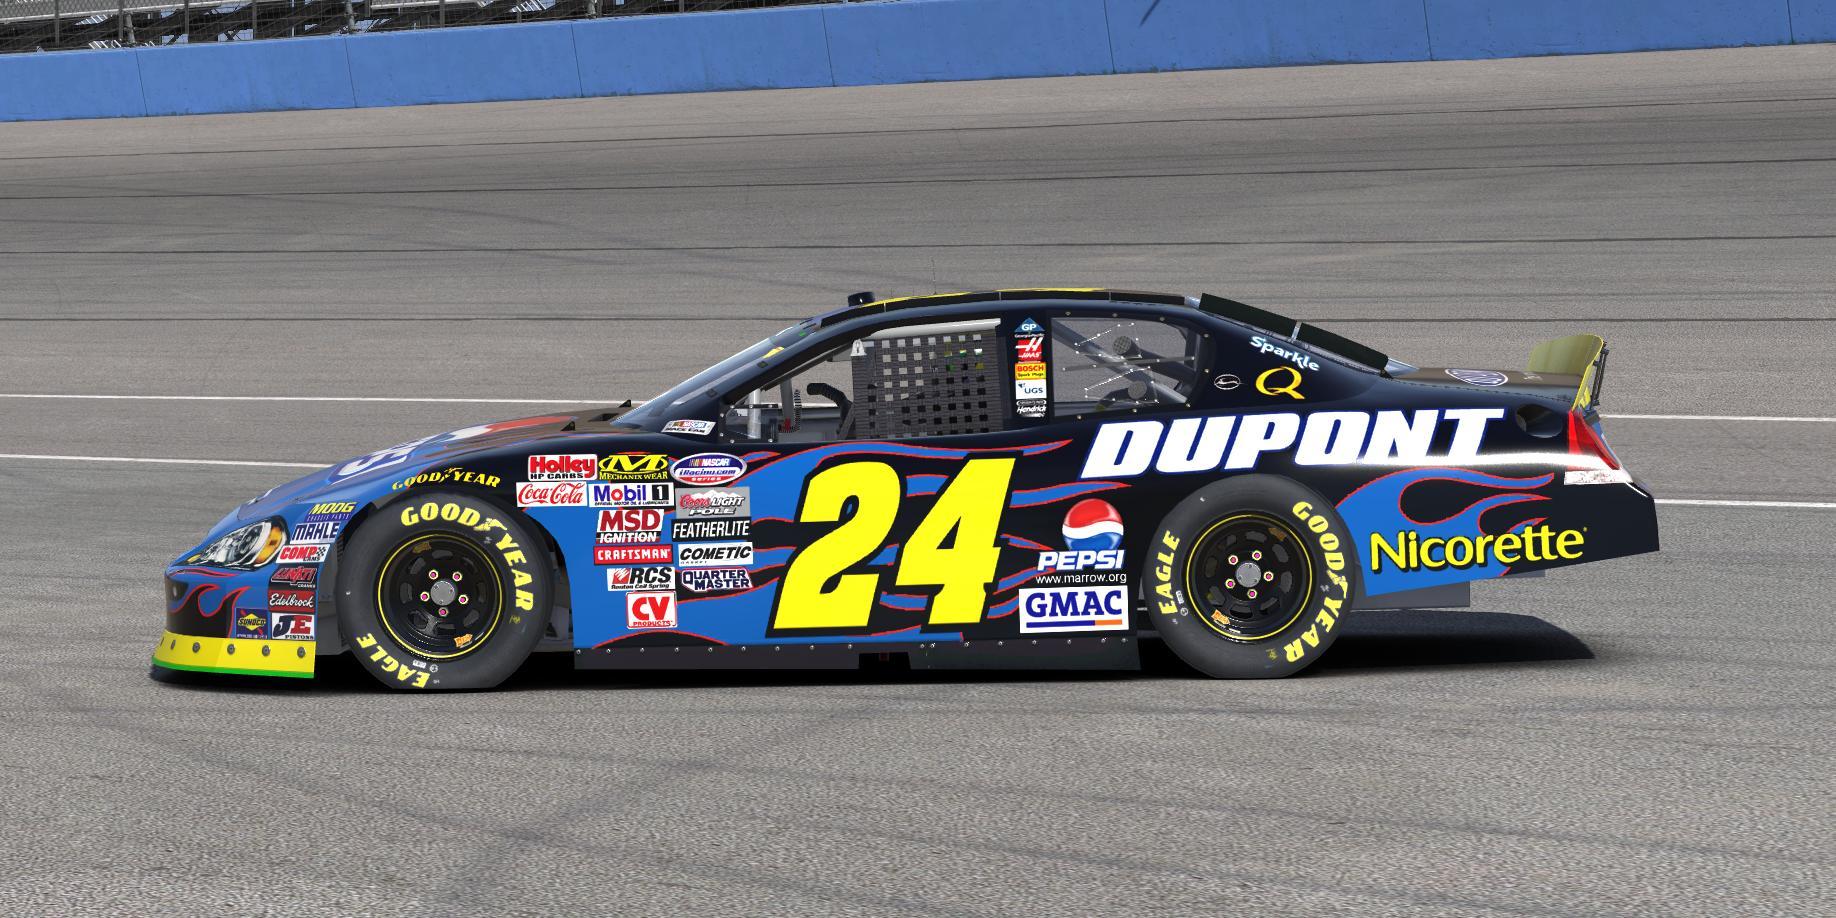 Preview of Jeff Gordon Pepsi/DuPont (July Daytona 2007) by Erik Le